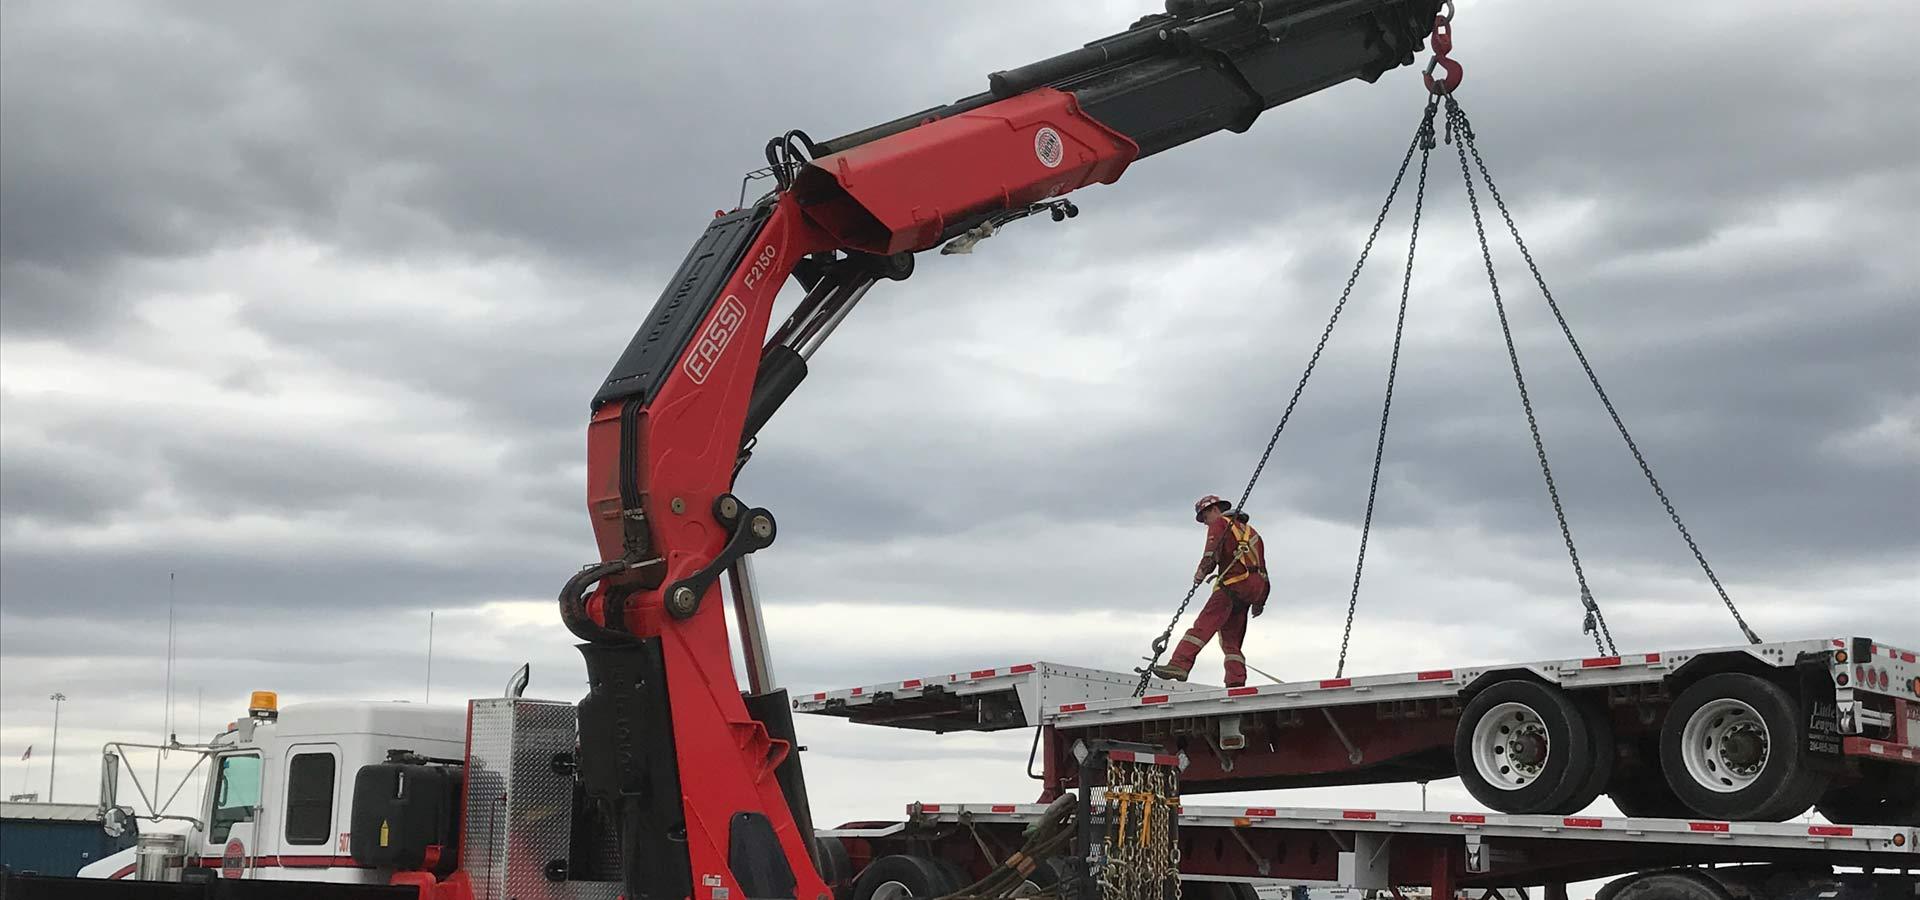 Cranes, Picker Trucks, Transportation Services in Edmonton